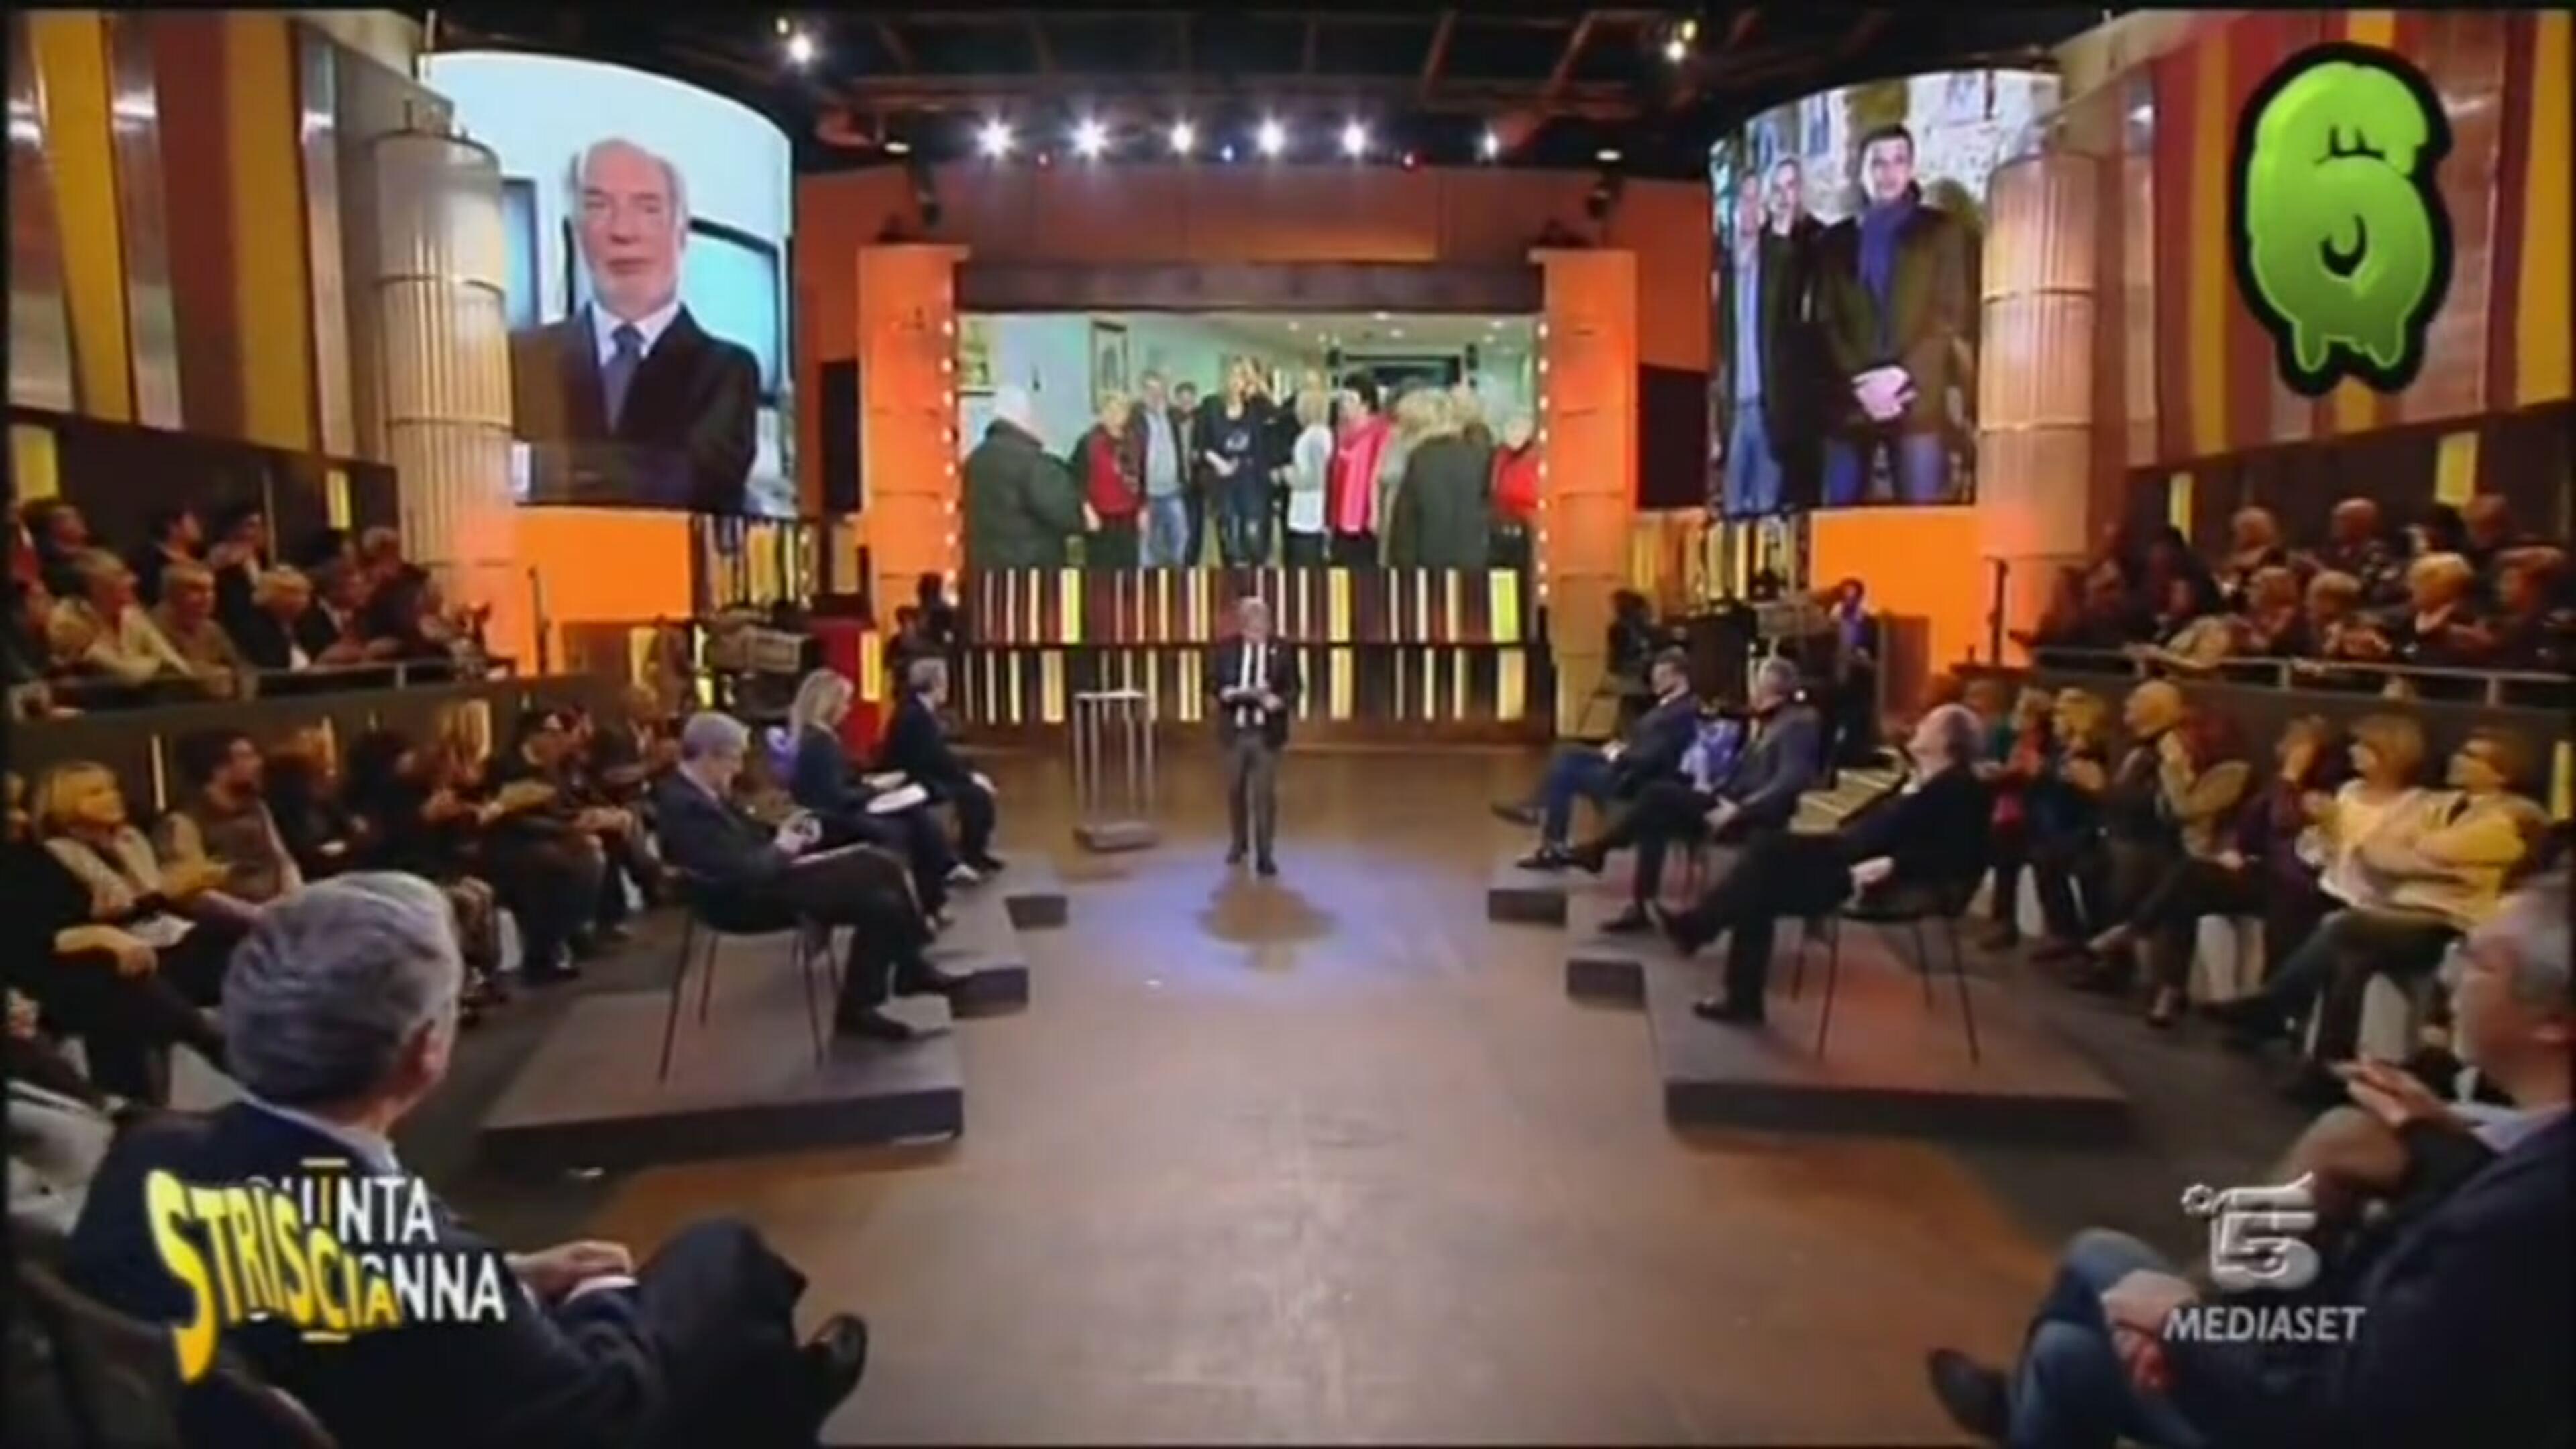 Video striscia la notizia i nuovi mostri servizi mediaset on demand - Ciao darwin 7 normali vs diversi ...